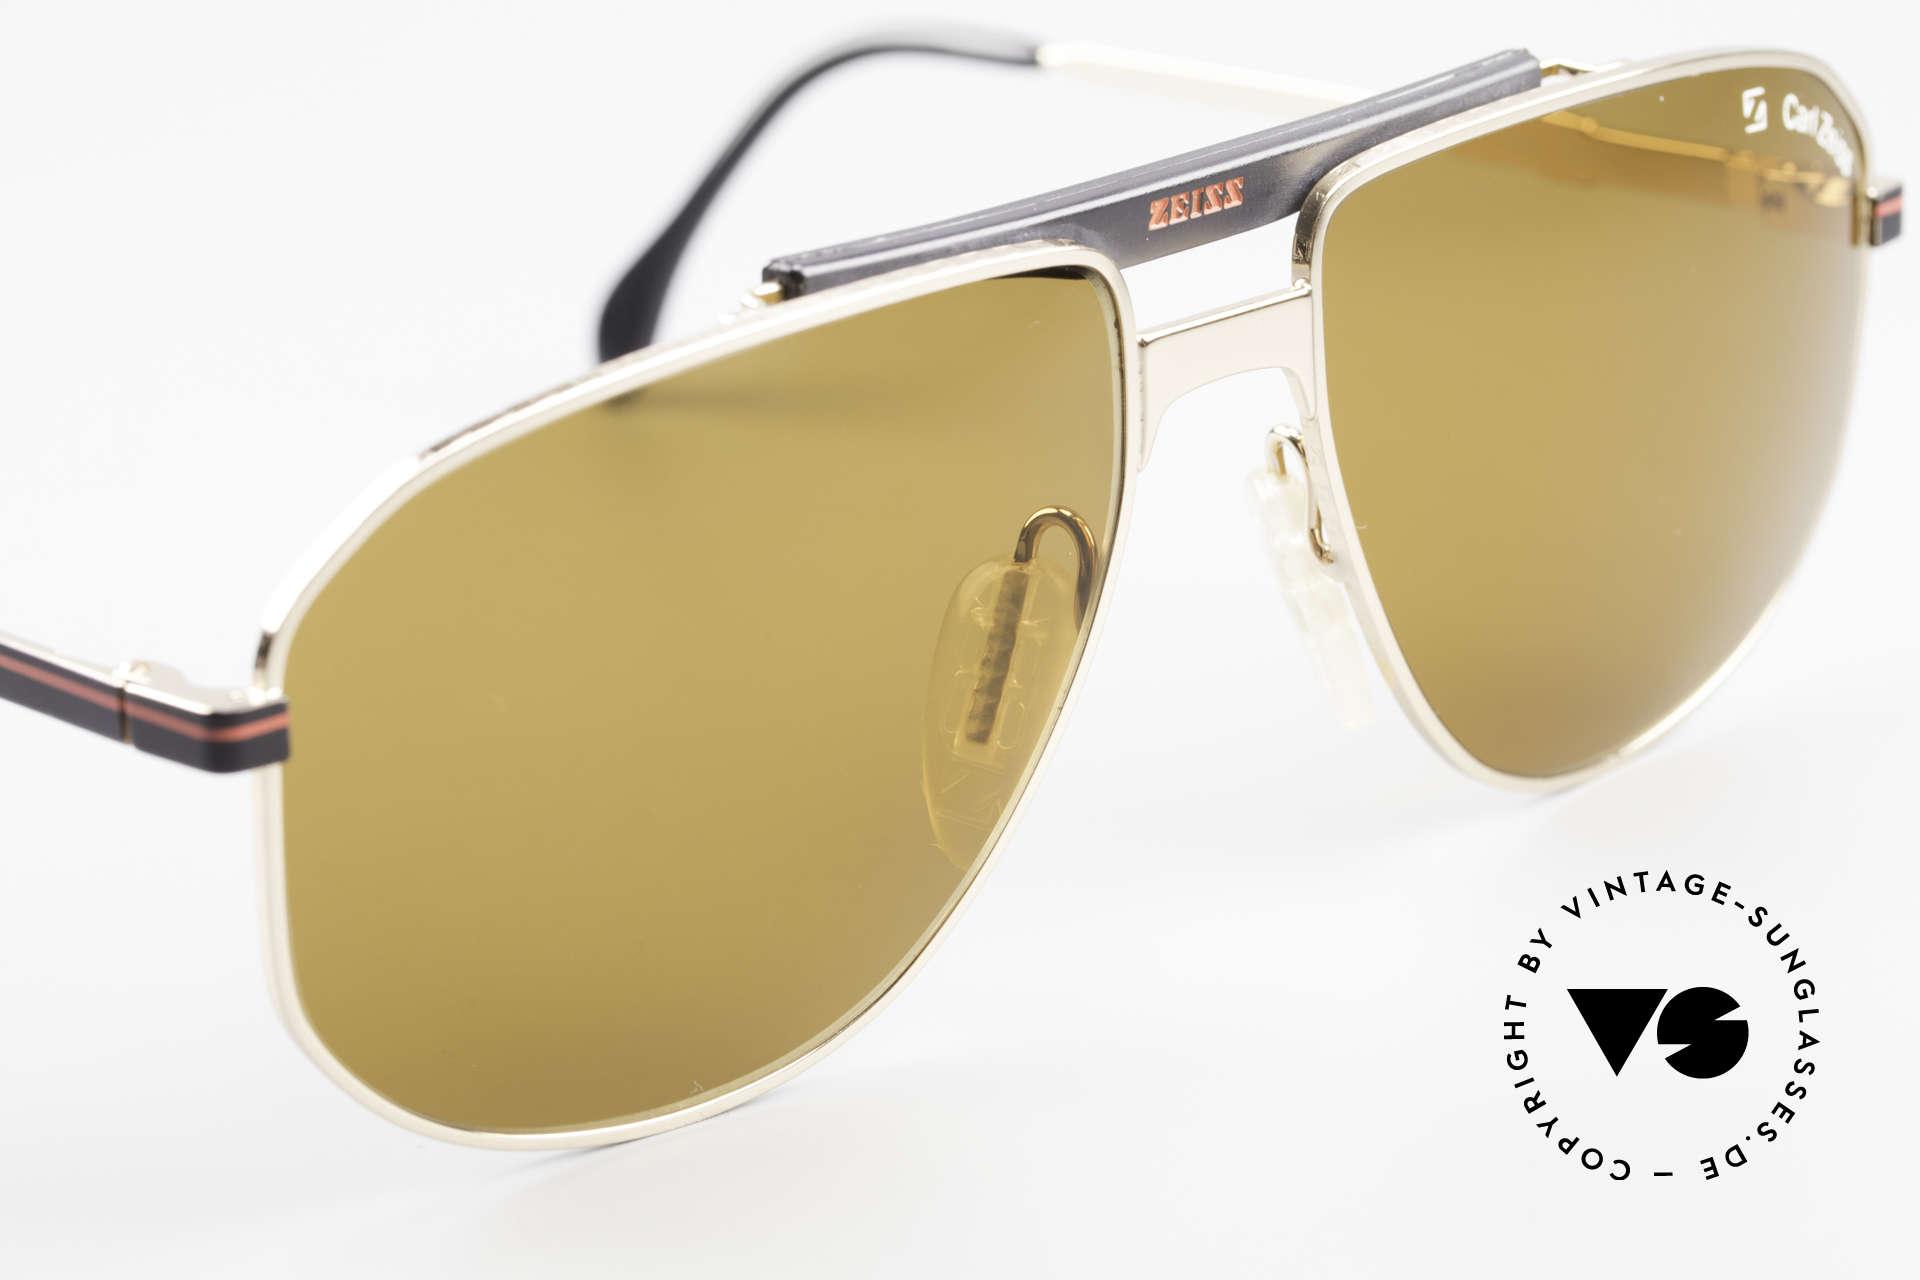 Zeiss 9934 90er Vintage Sonnenbrille, KEIN Retromodell, sondern ein 25 J. altes ORIGINAL!, Passend für Herren